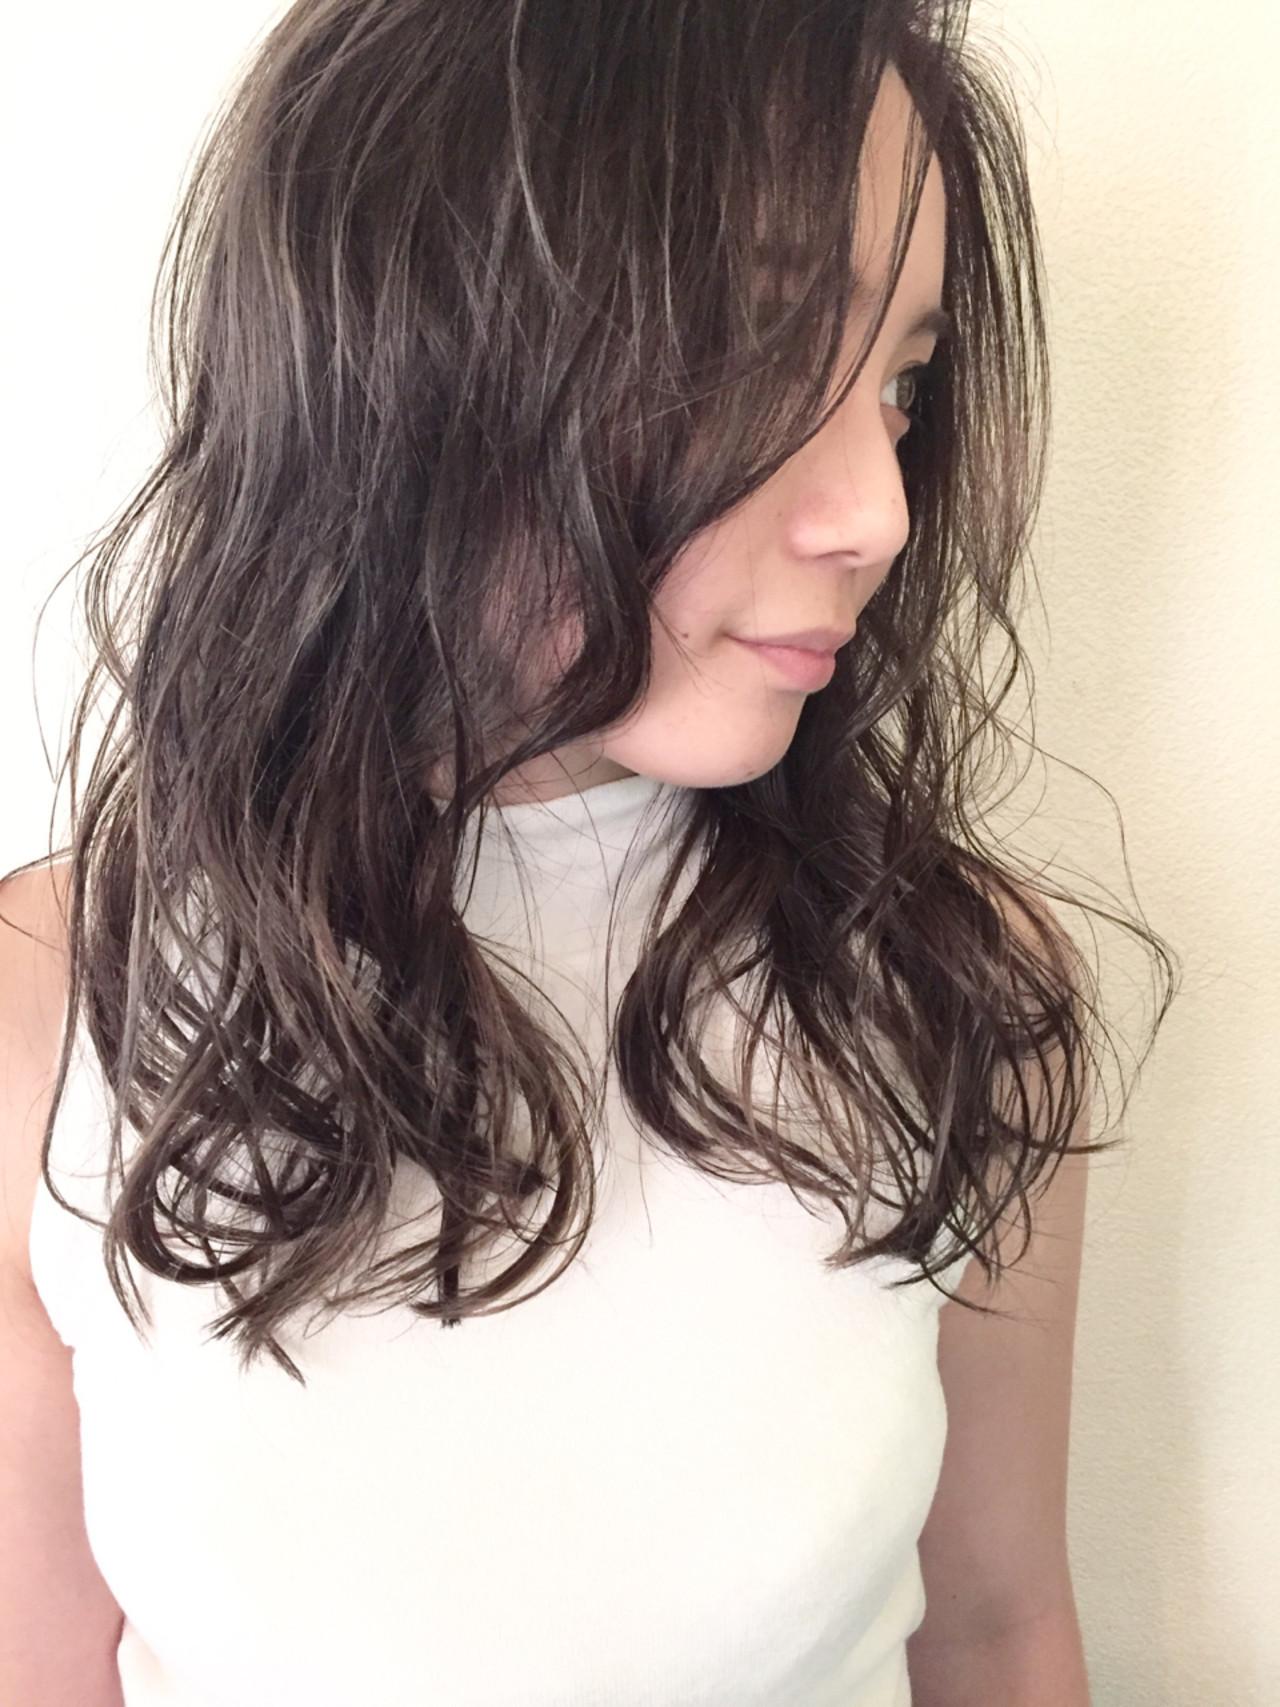 くせ毛風 セミロング グレージュ ブルーアッシュ ヘアスタイルや髪型の写真・画像